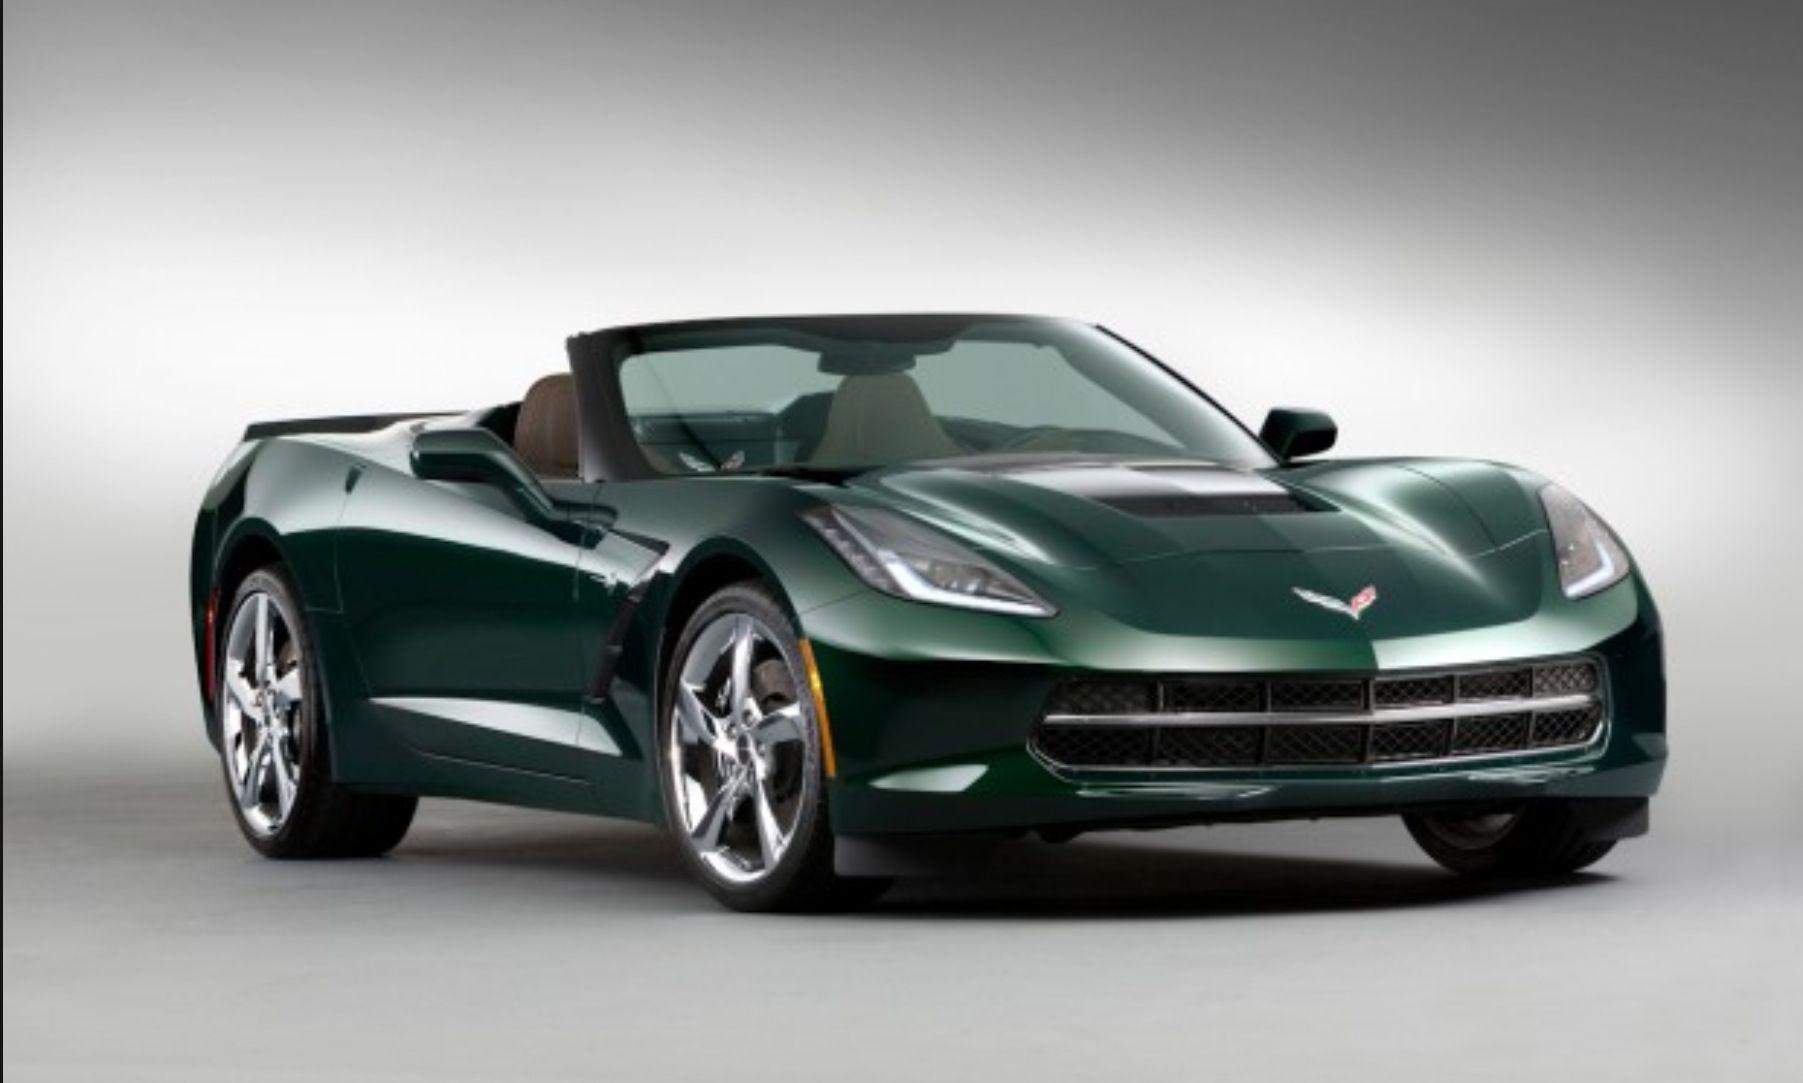 2014 Stingray convertible ️ ️ Love the color. Corvette